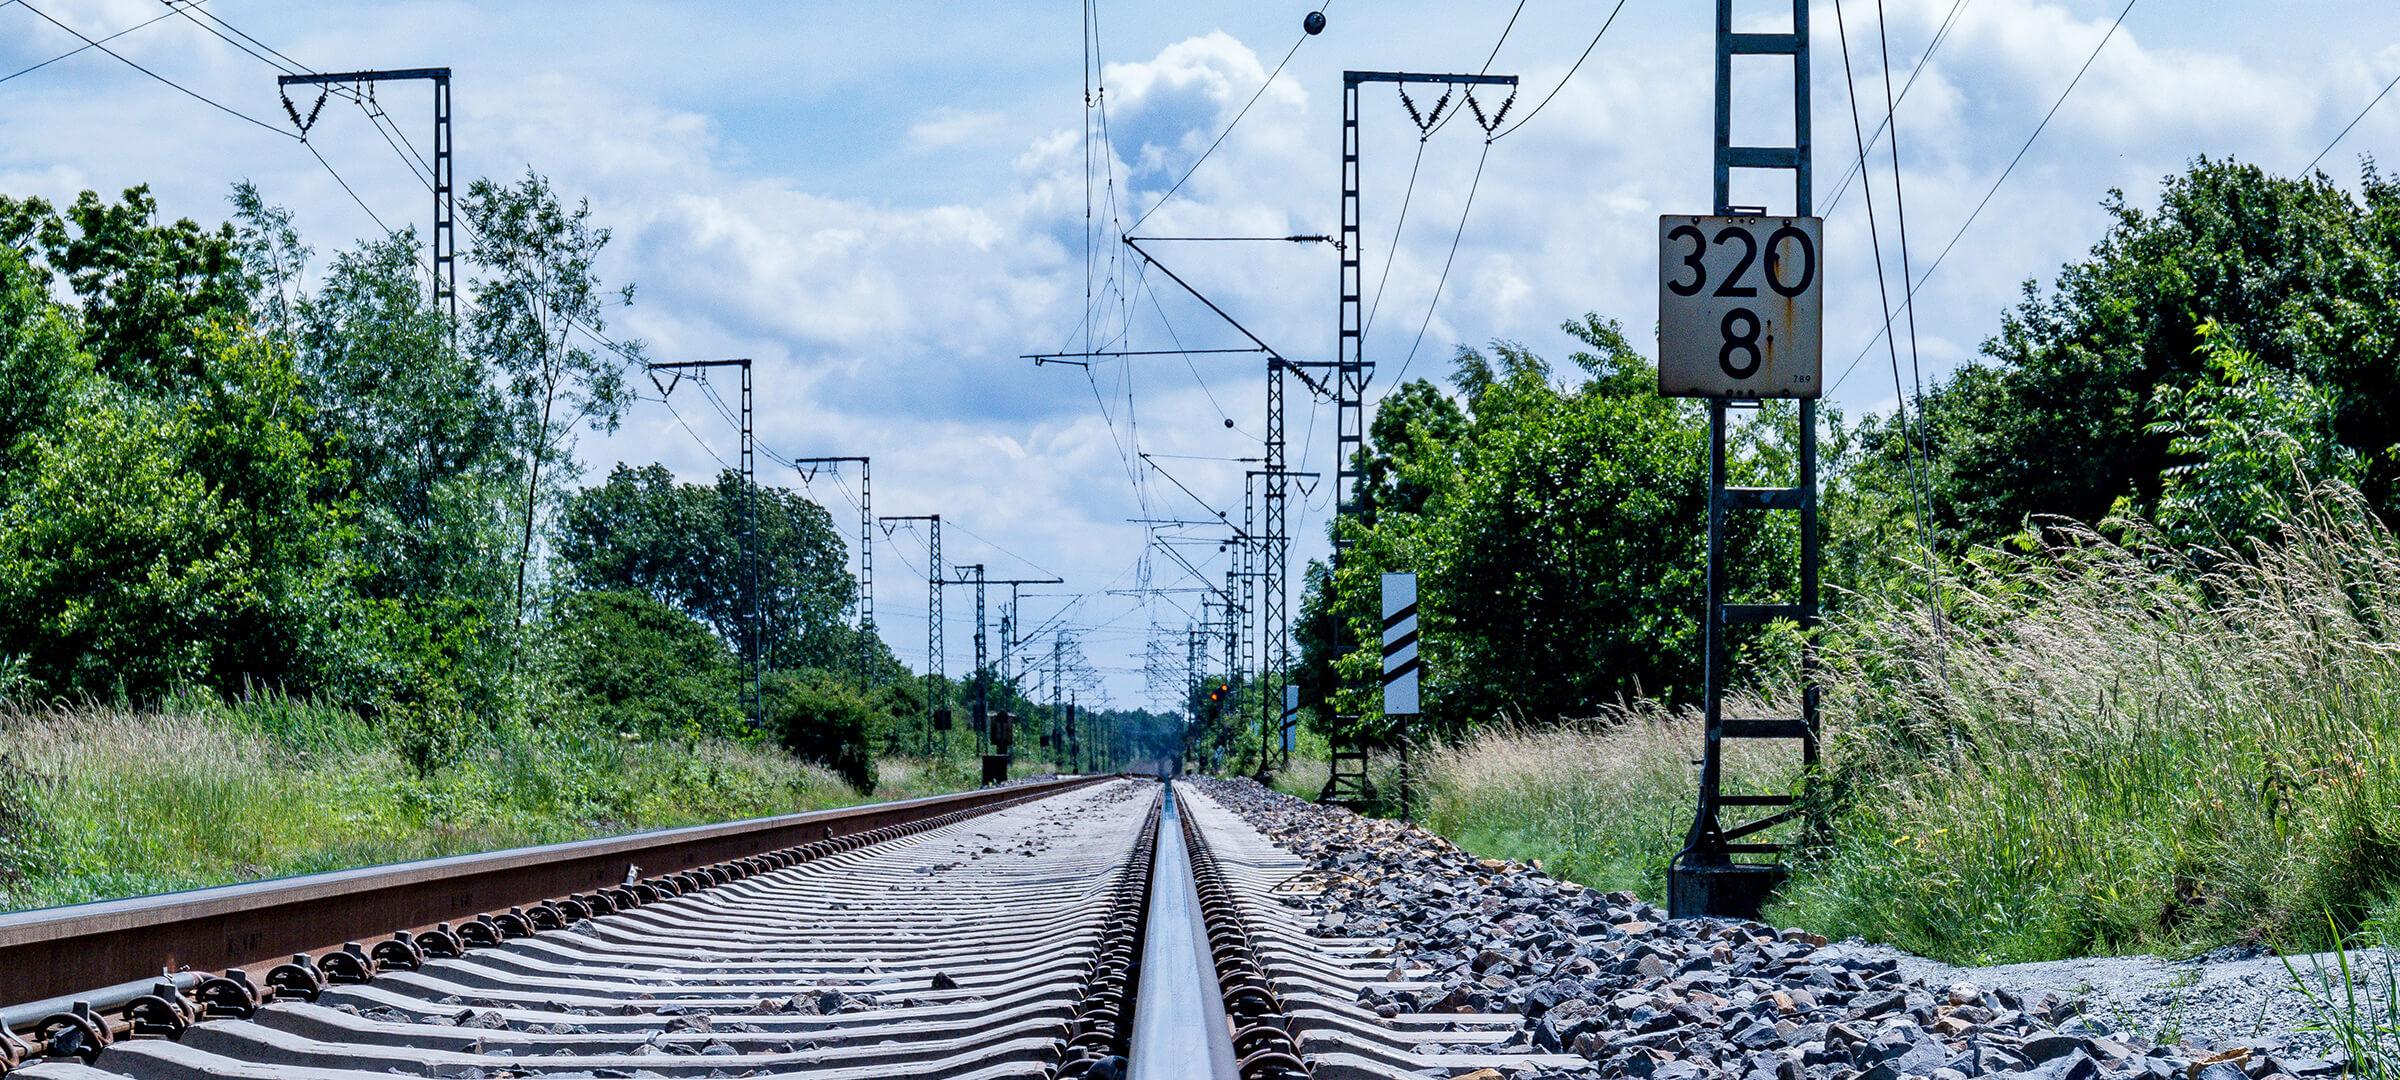 Bild einer Bahnschiene